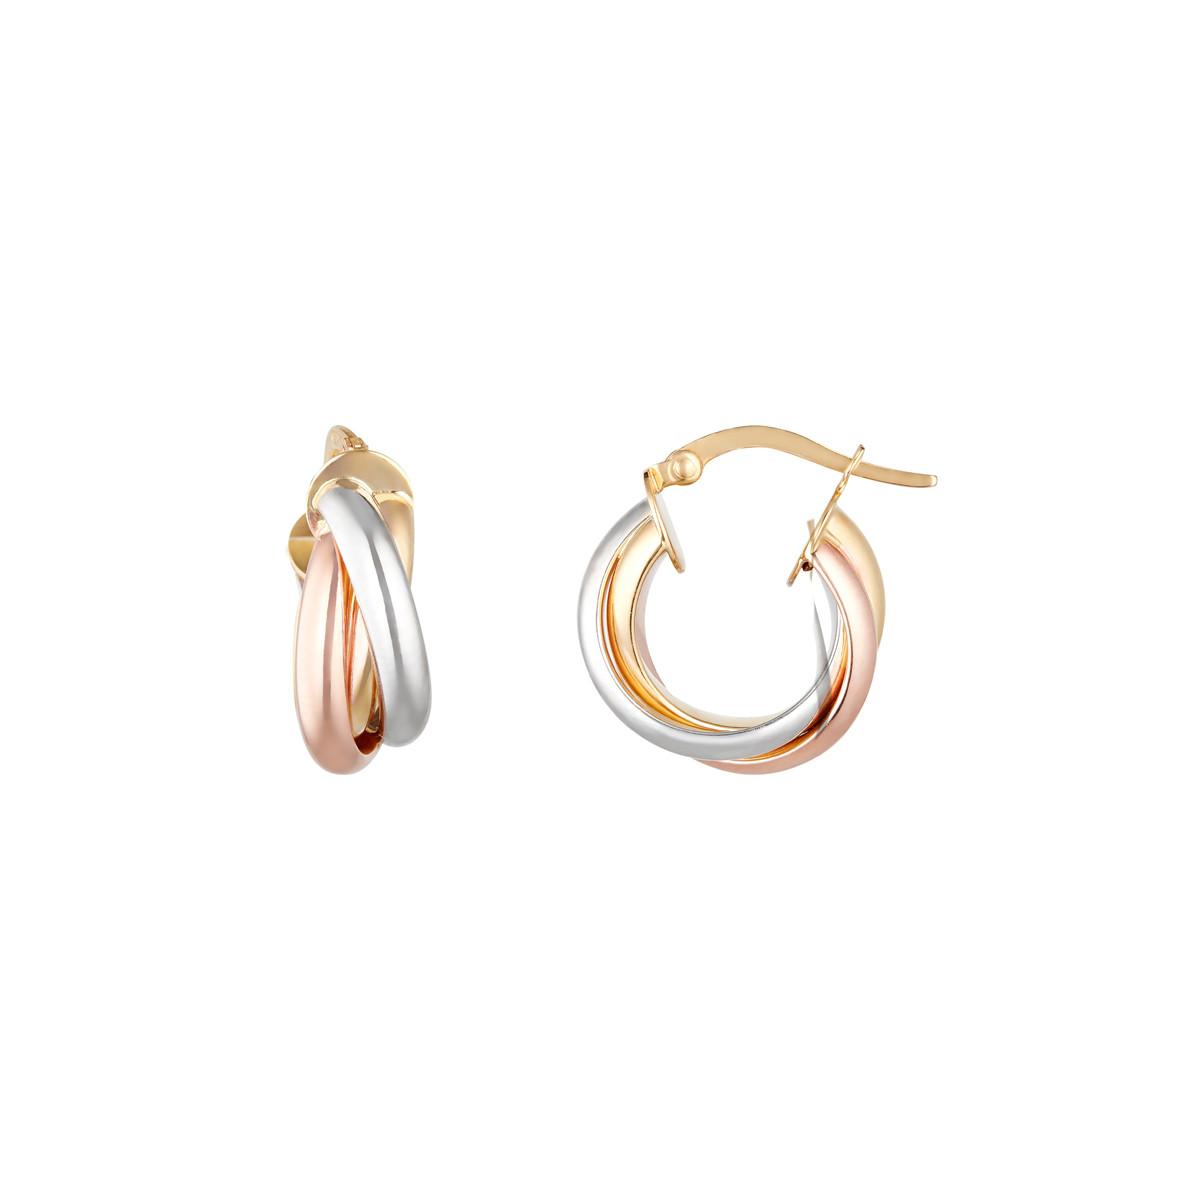 Boucles d'oreilles Or Tricolore 375/1000